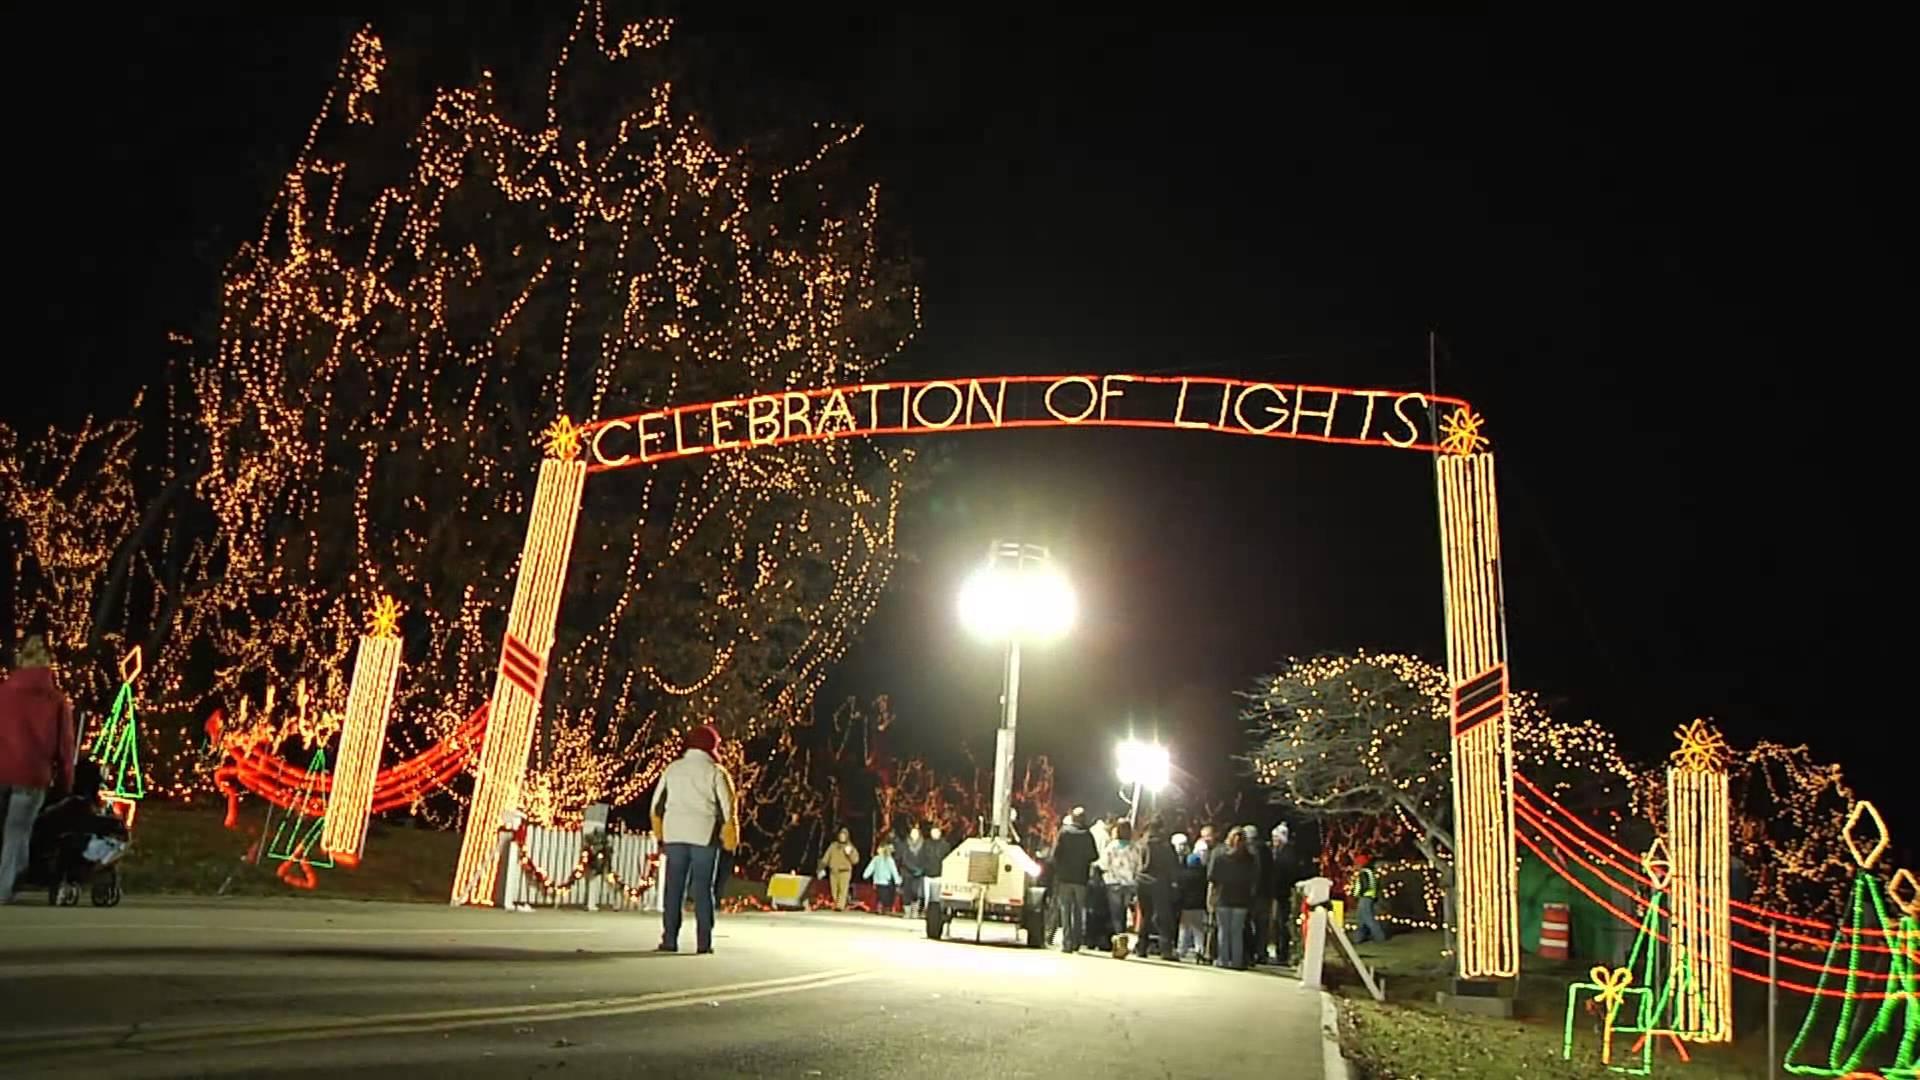 celebrationoflights-lasministry.jpg